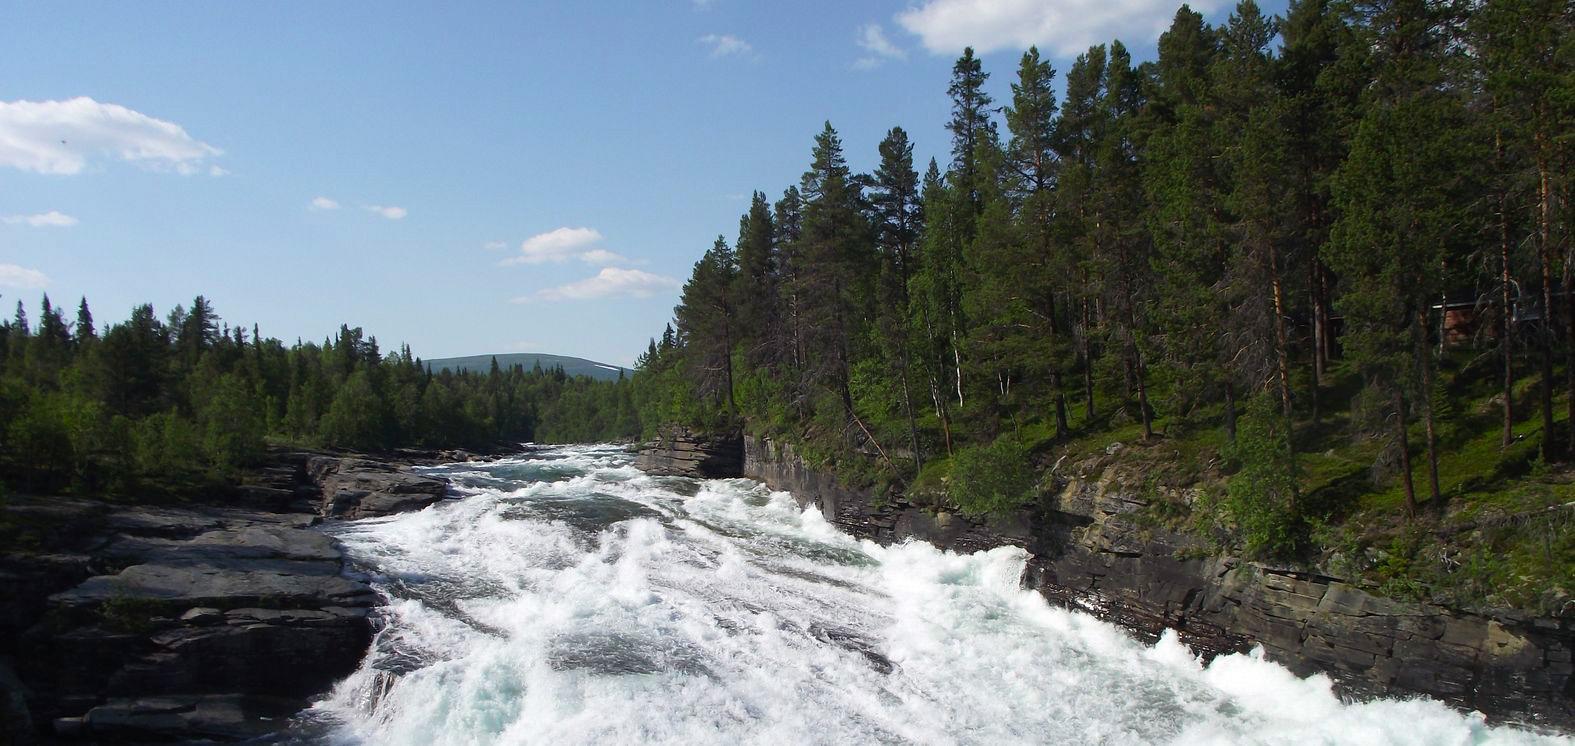 Vy över forsande vatten vid Vindelåforsens stugby